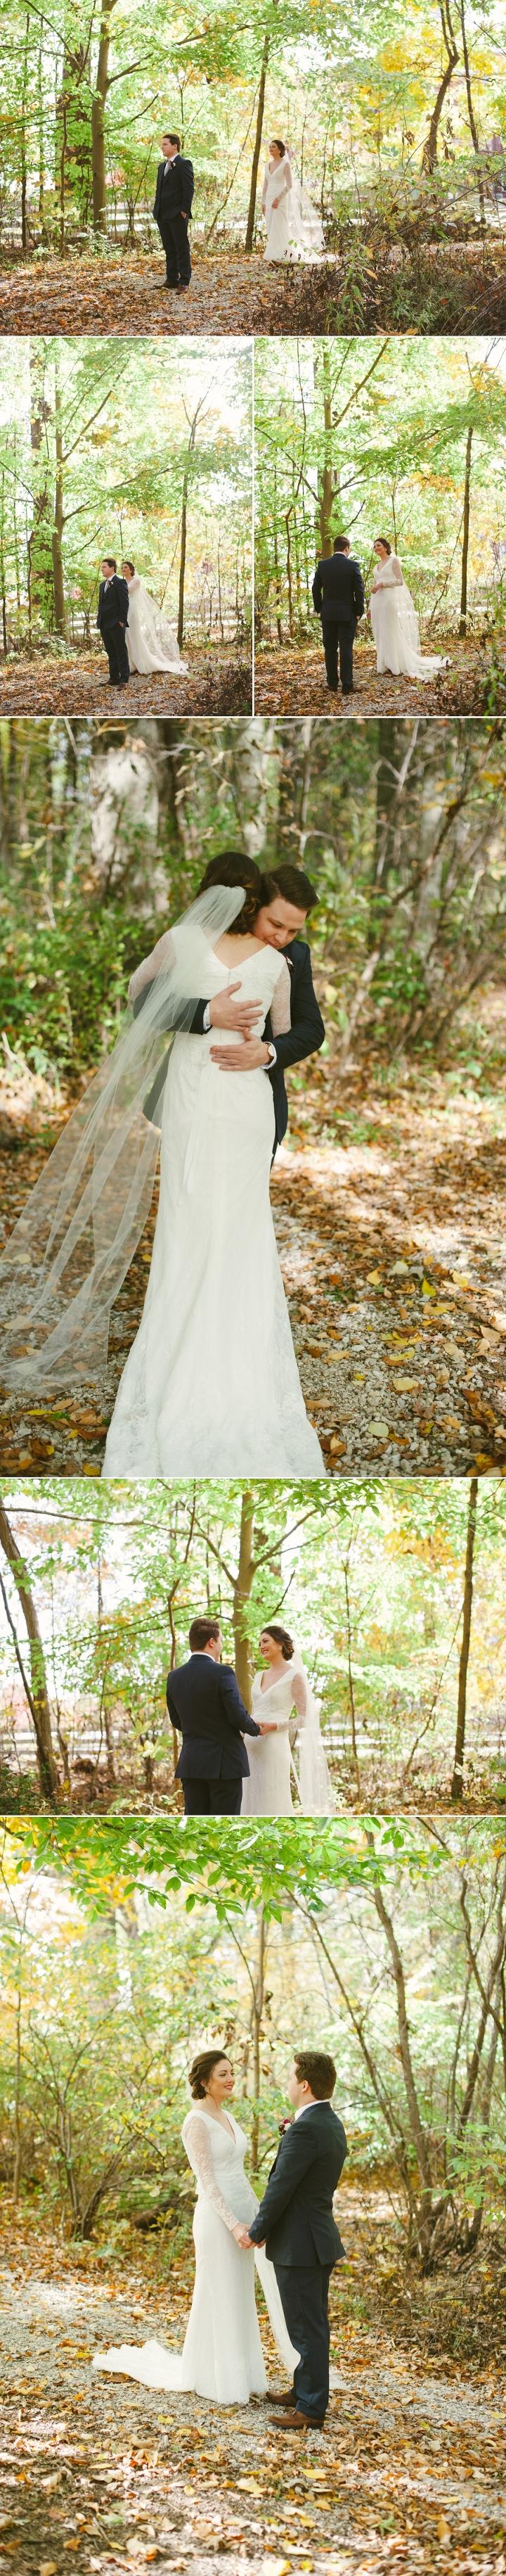 Laura and Matt Married 3